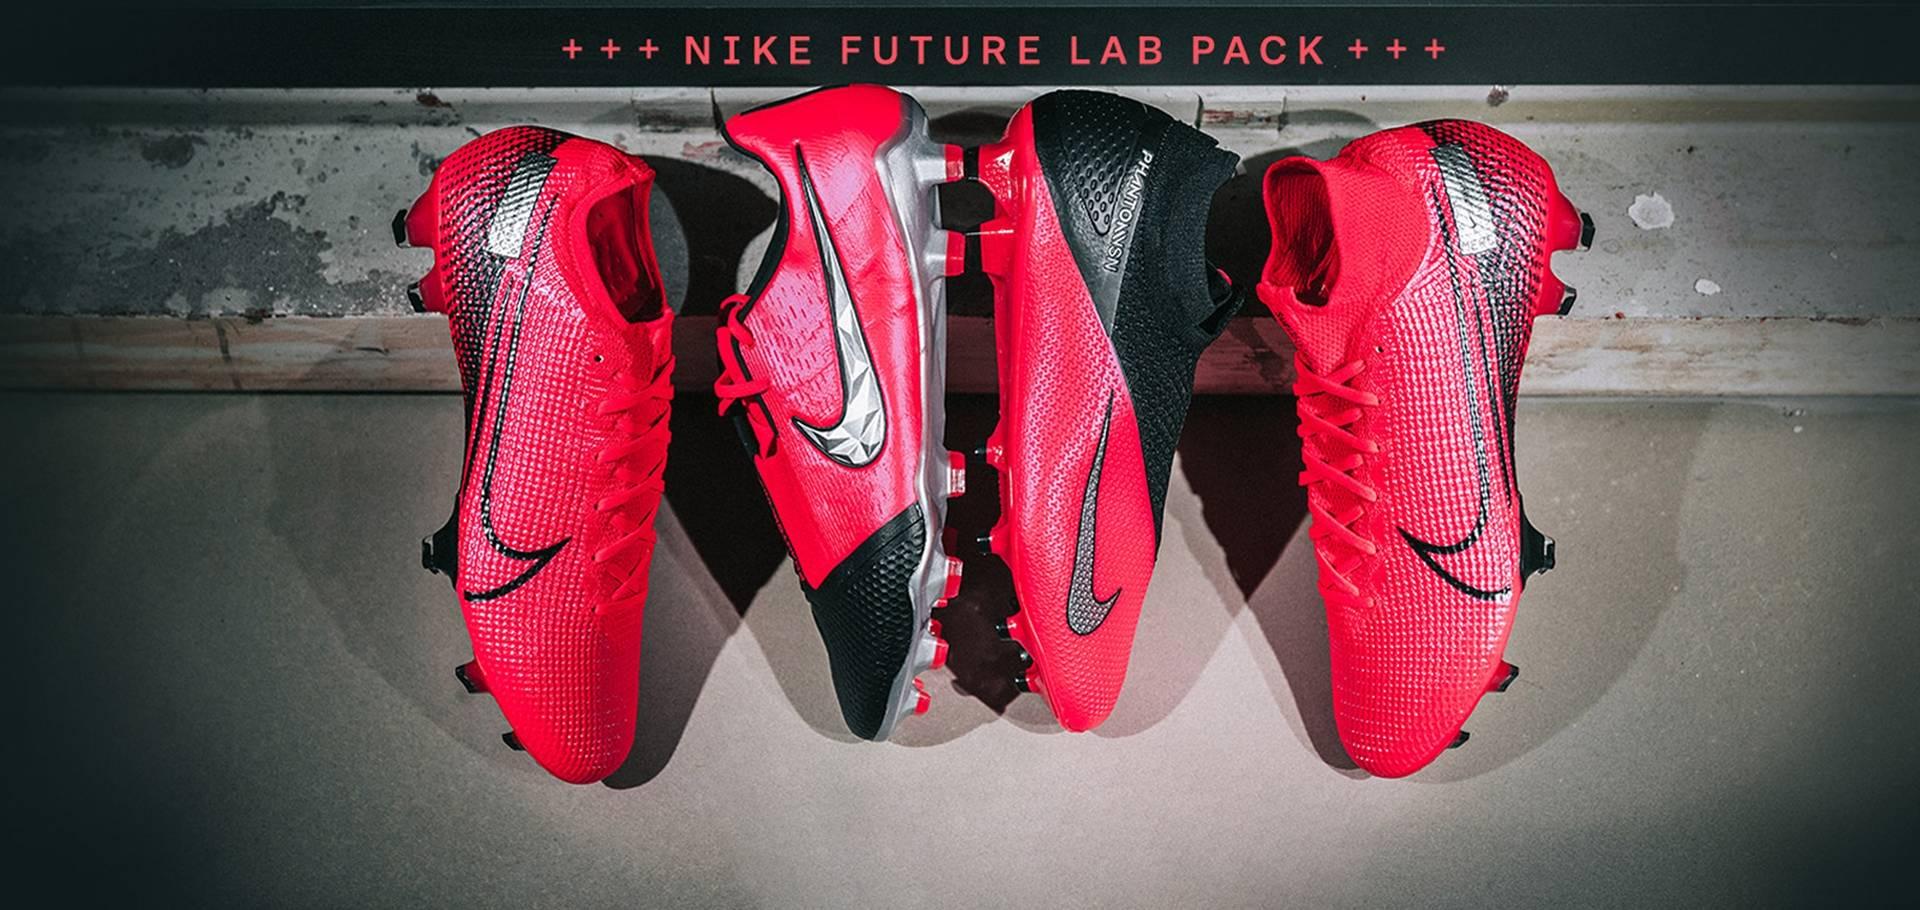 Giày đá bóng Nike, Adidas chính hãng được sản xuất ở đâu?